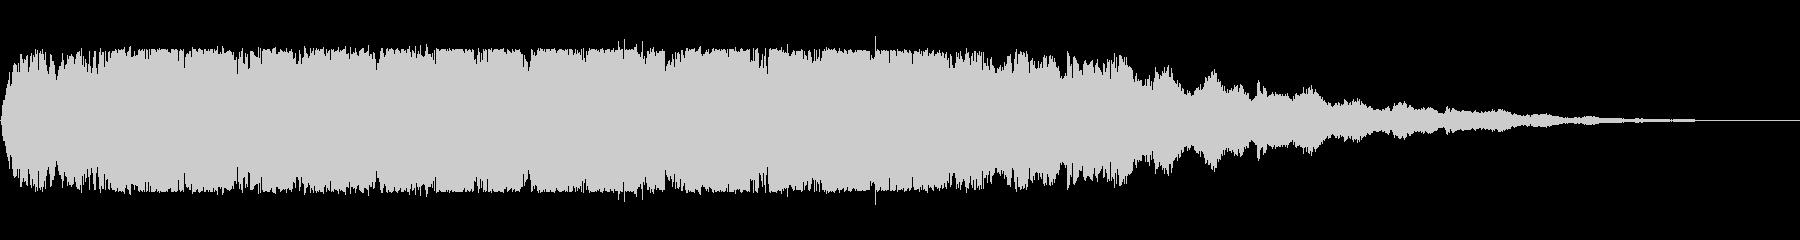 ブルブルブル(長め)の未再生の波形